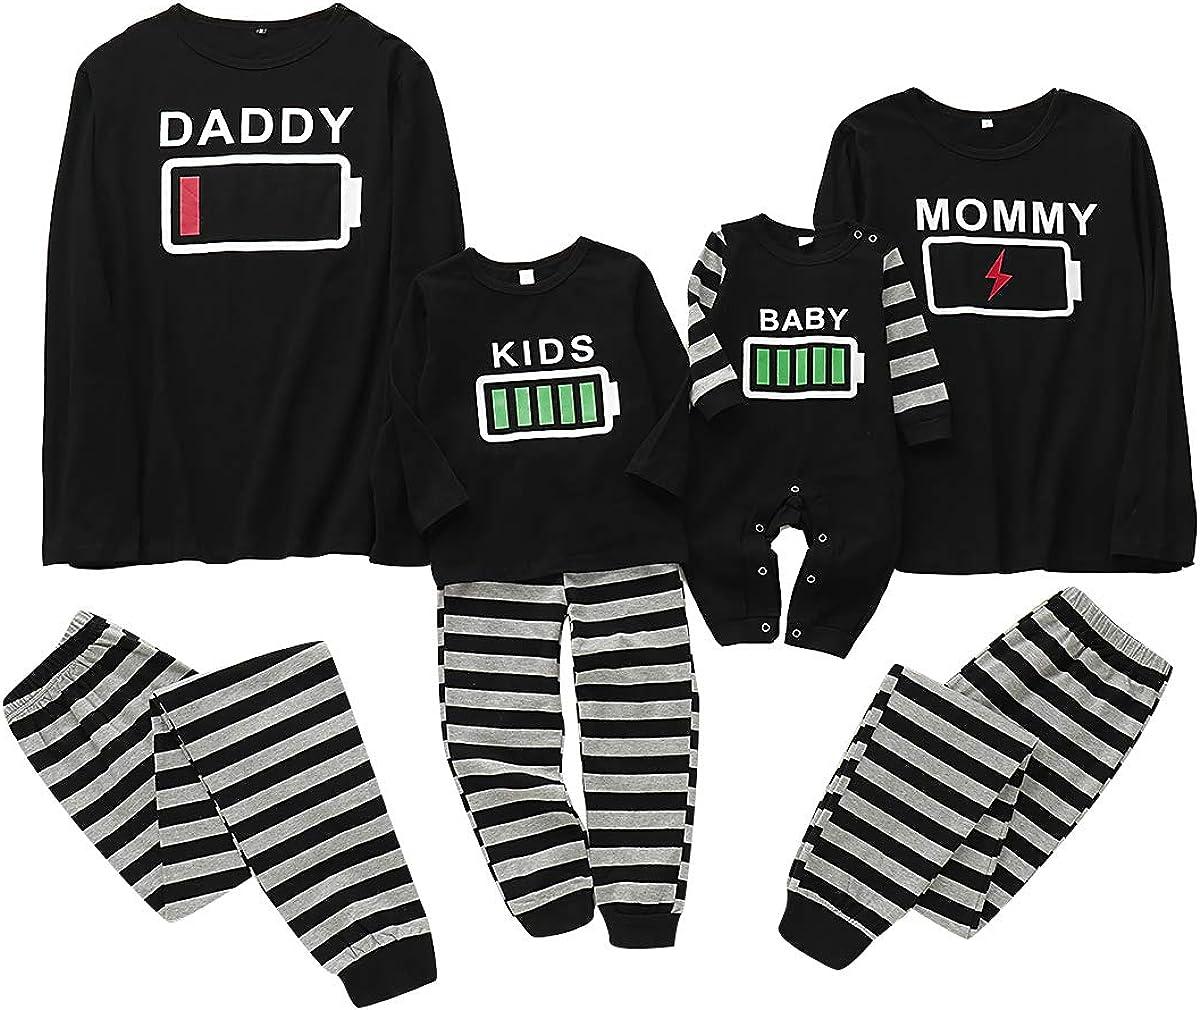 puseky Conjunto de Pijamas de Ropa Familiar a Juego Ropa de Dormir con Estampado de batería Ropa de Dormir para papá mamá Niños bebé